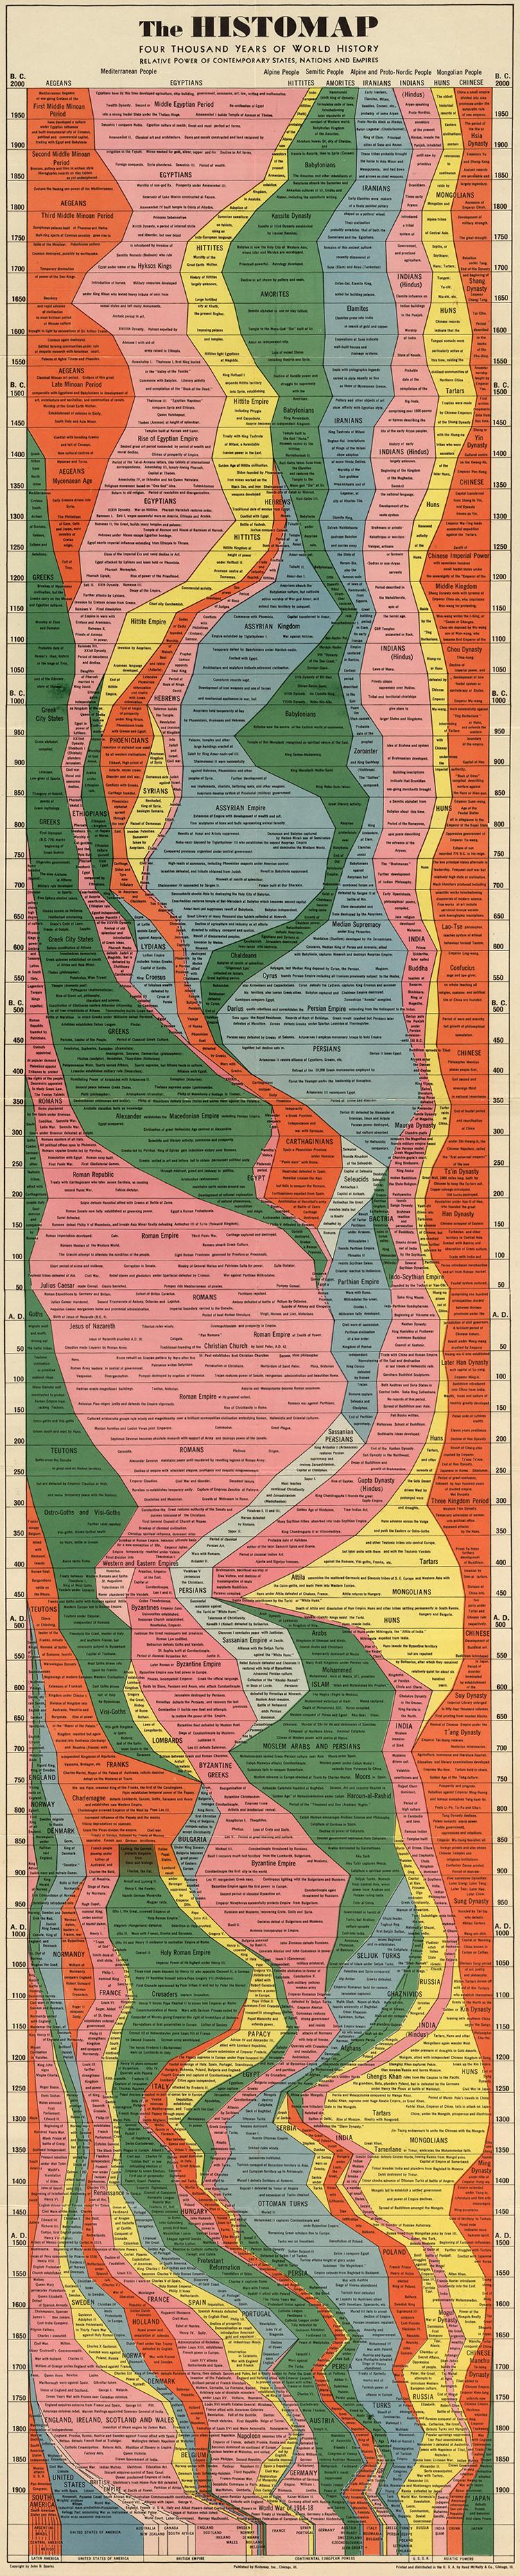 World History Chart